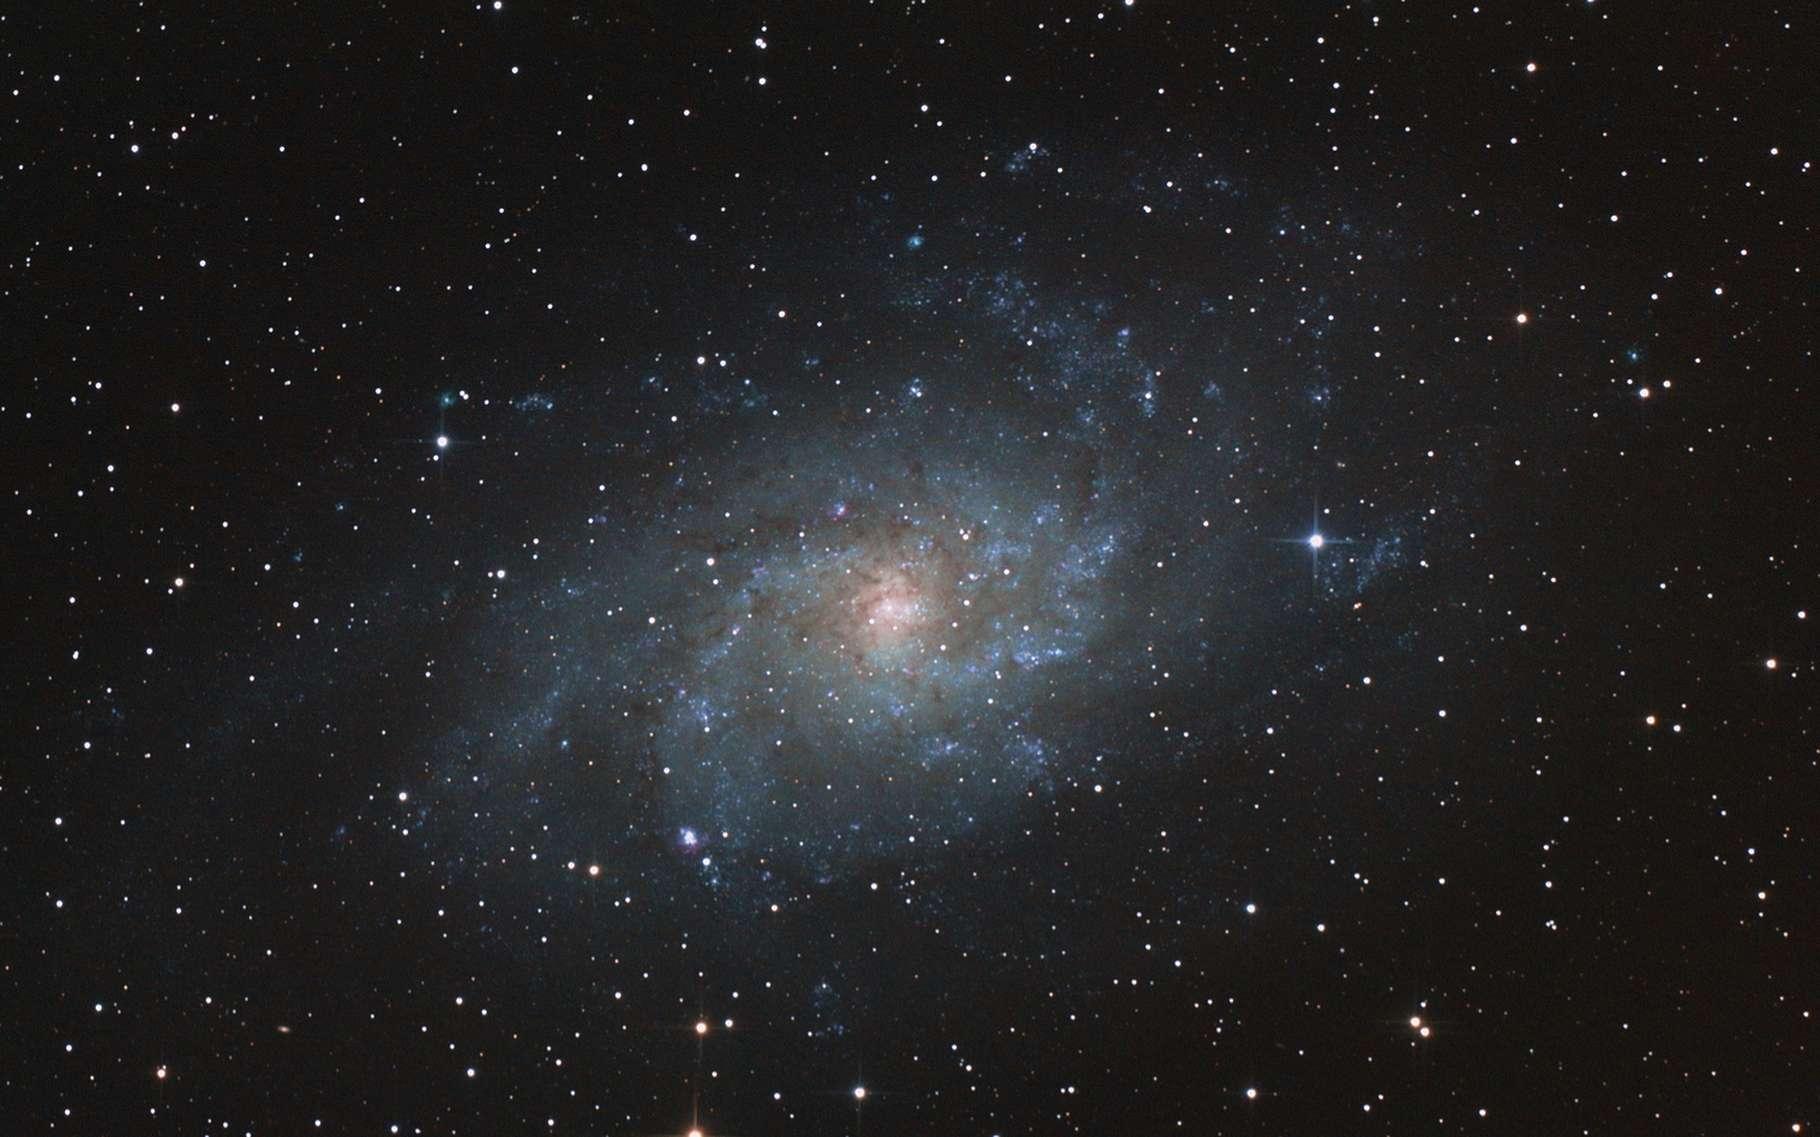 Selon des mesures réalisées par des astronomes australiens et britanniques, l'intensité de la force électromagnétique serait la même sur Terre et dans une galaxie lointaine. © Audrius Birbilas, Shutterstock